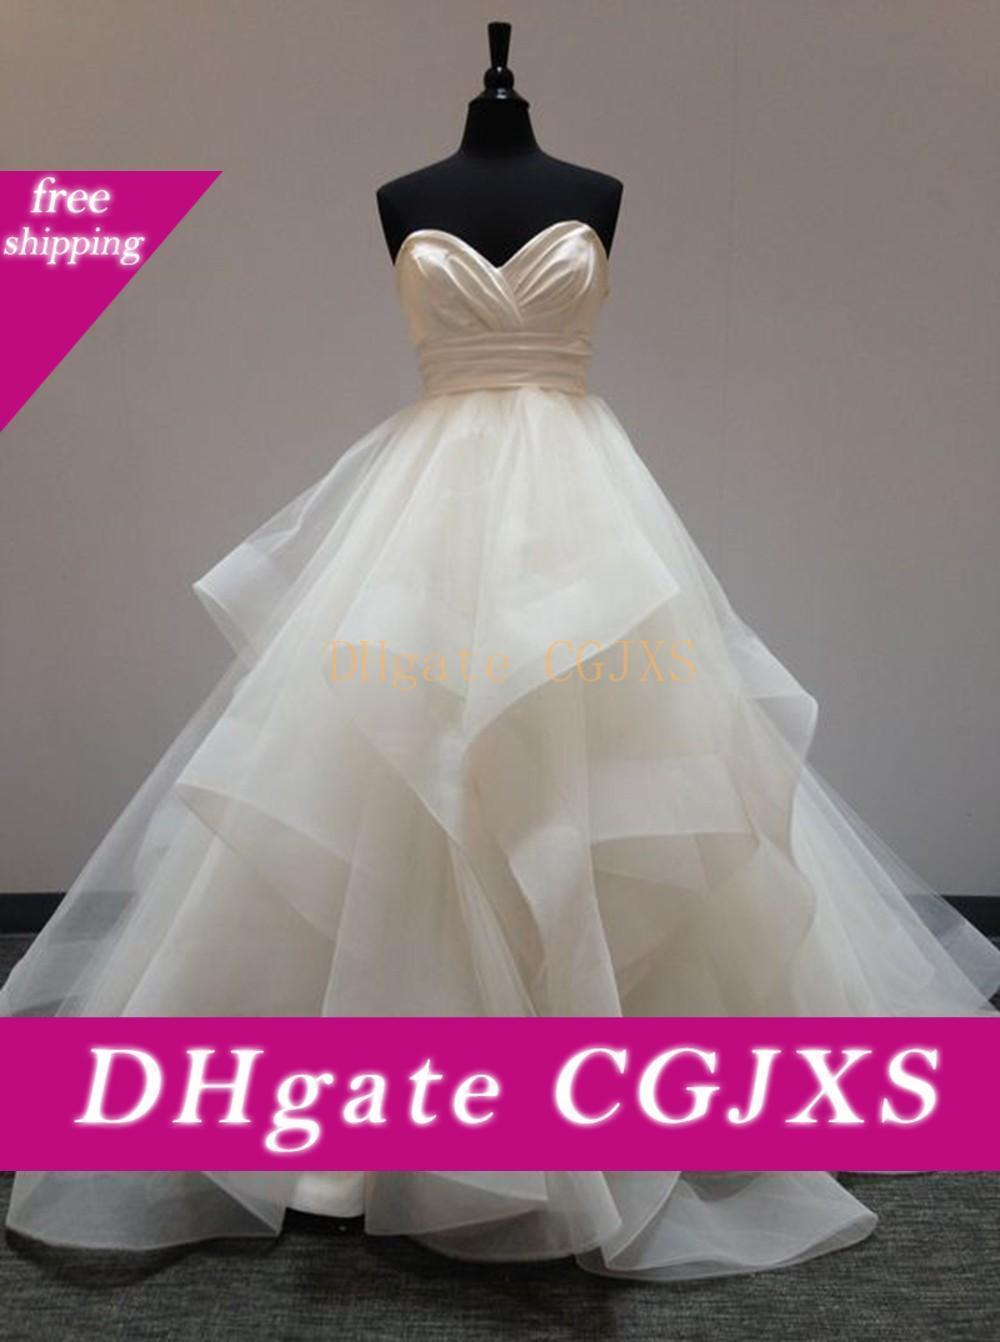 Ouro Vestidos de casamento Bola de vestidos até o chão camadas Querida vestidos de noiva Ruffle mangas Zipper Organza vestidos de casamento